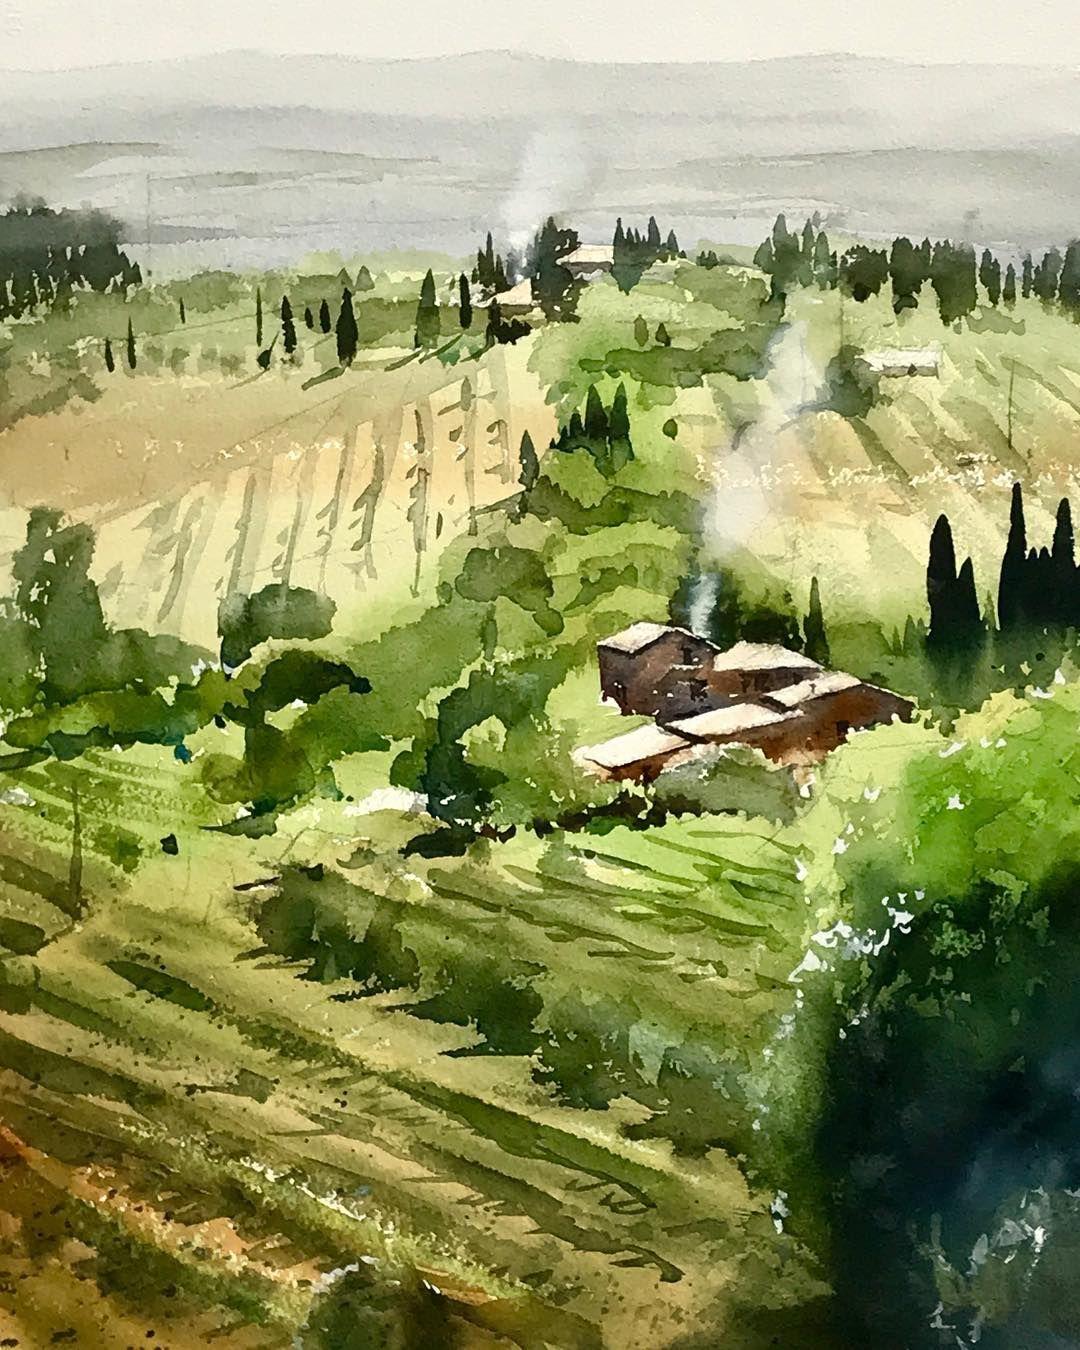 Agriturismo Ii In San Gimignano N 1hour Aquarelle Acuarela